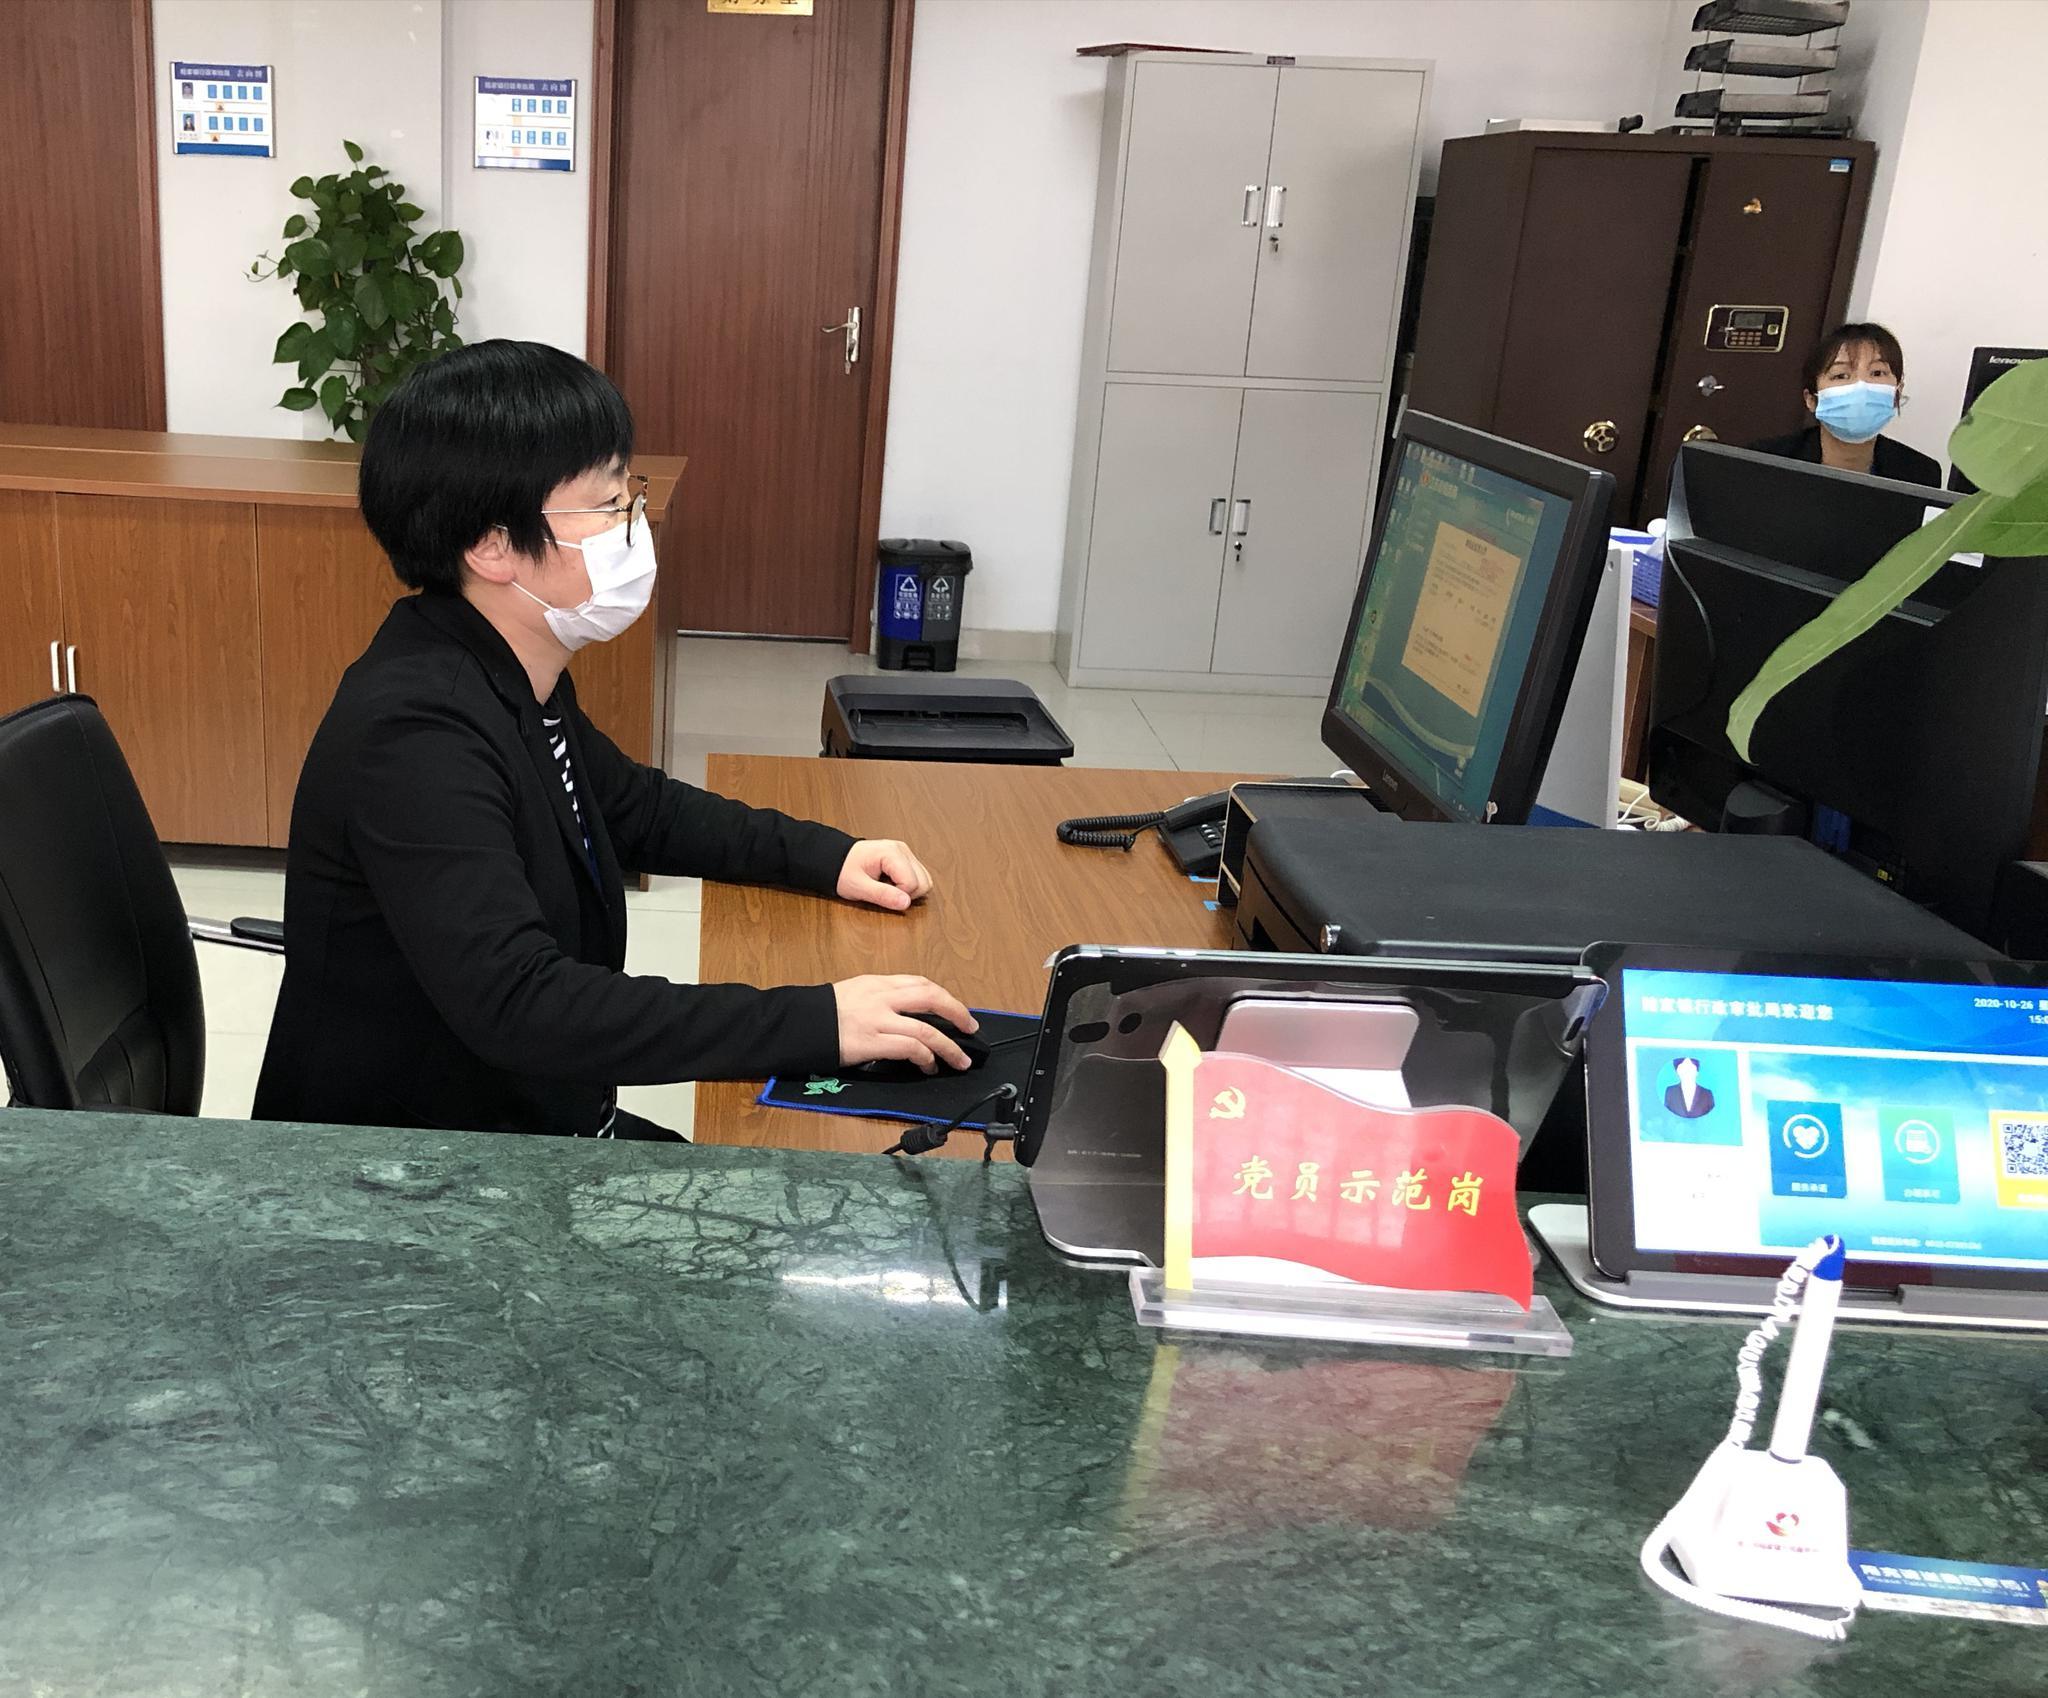 """【大国小鲜@基层之治】江苏昆山有个政务服务""""6S店"""",听网友的话认真练内功"""